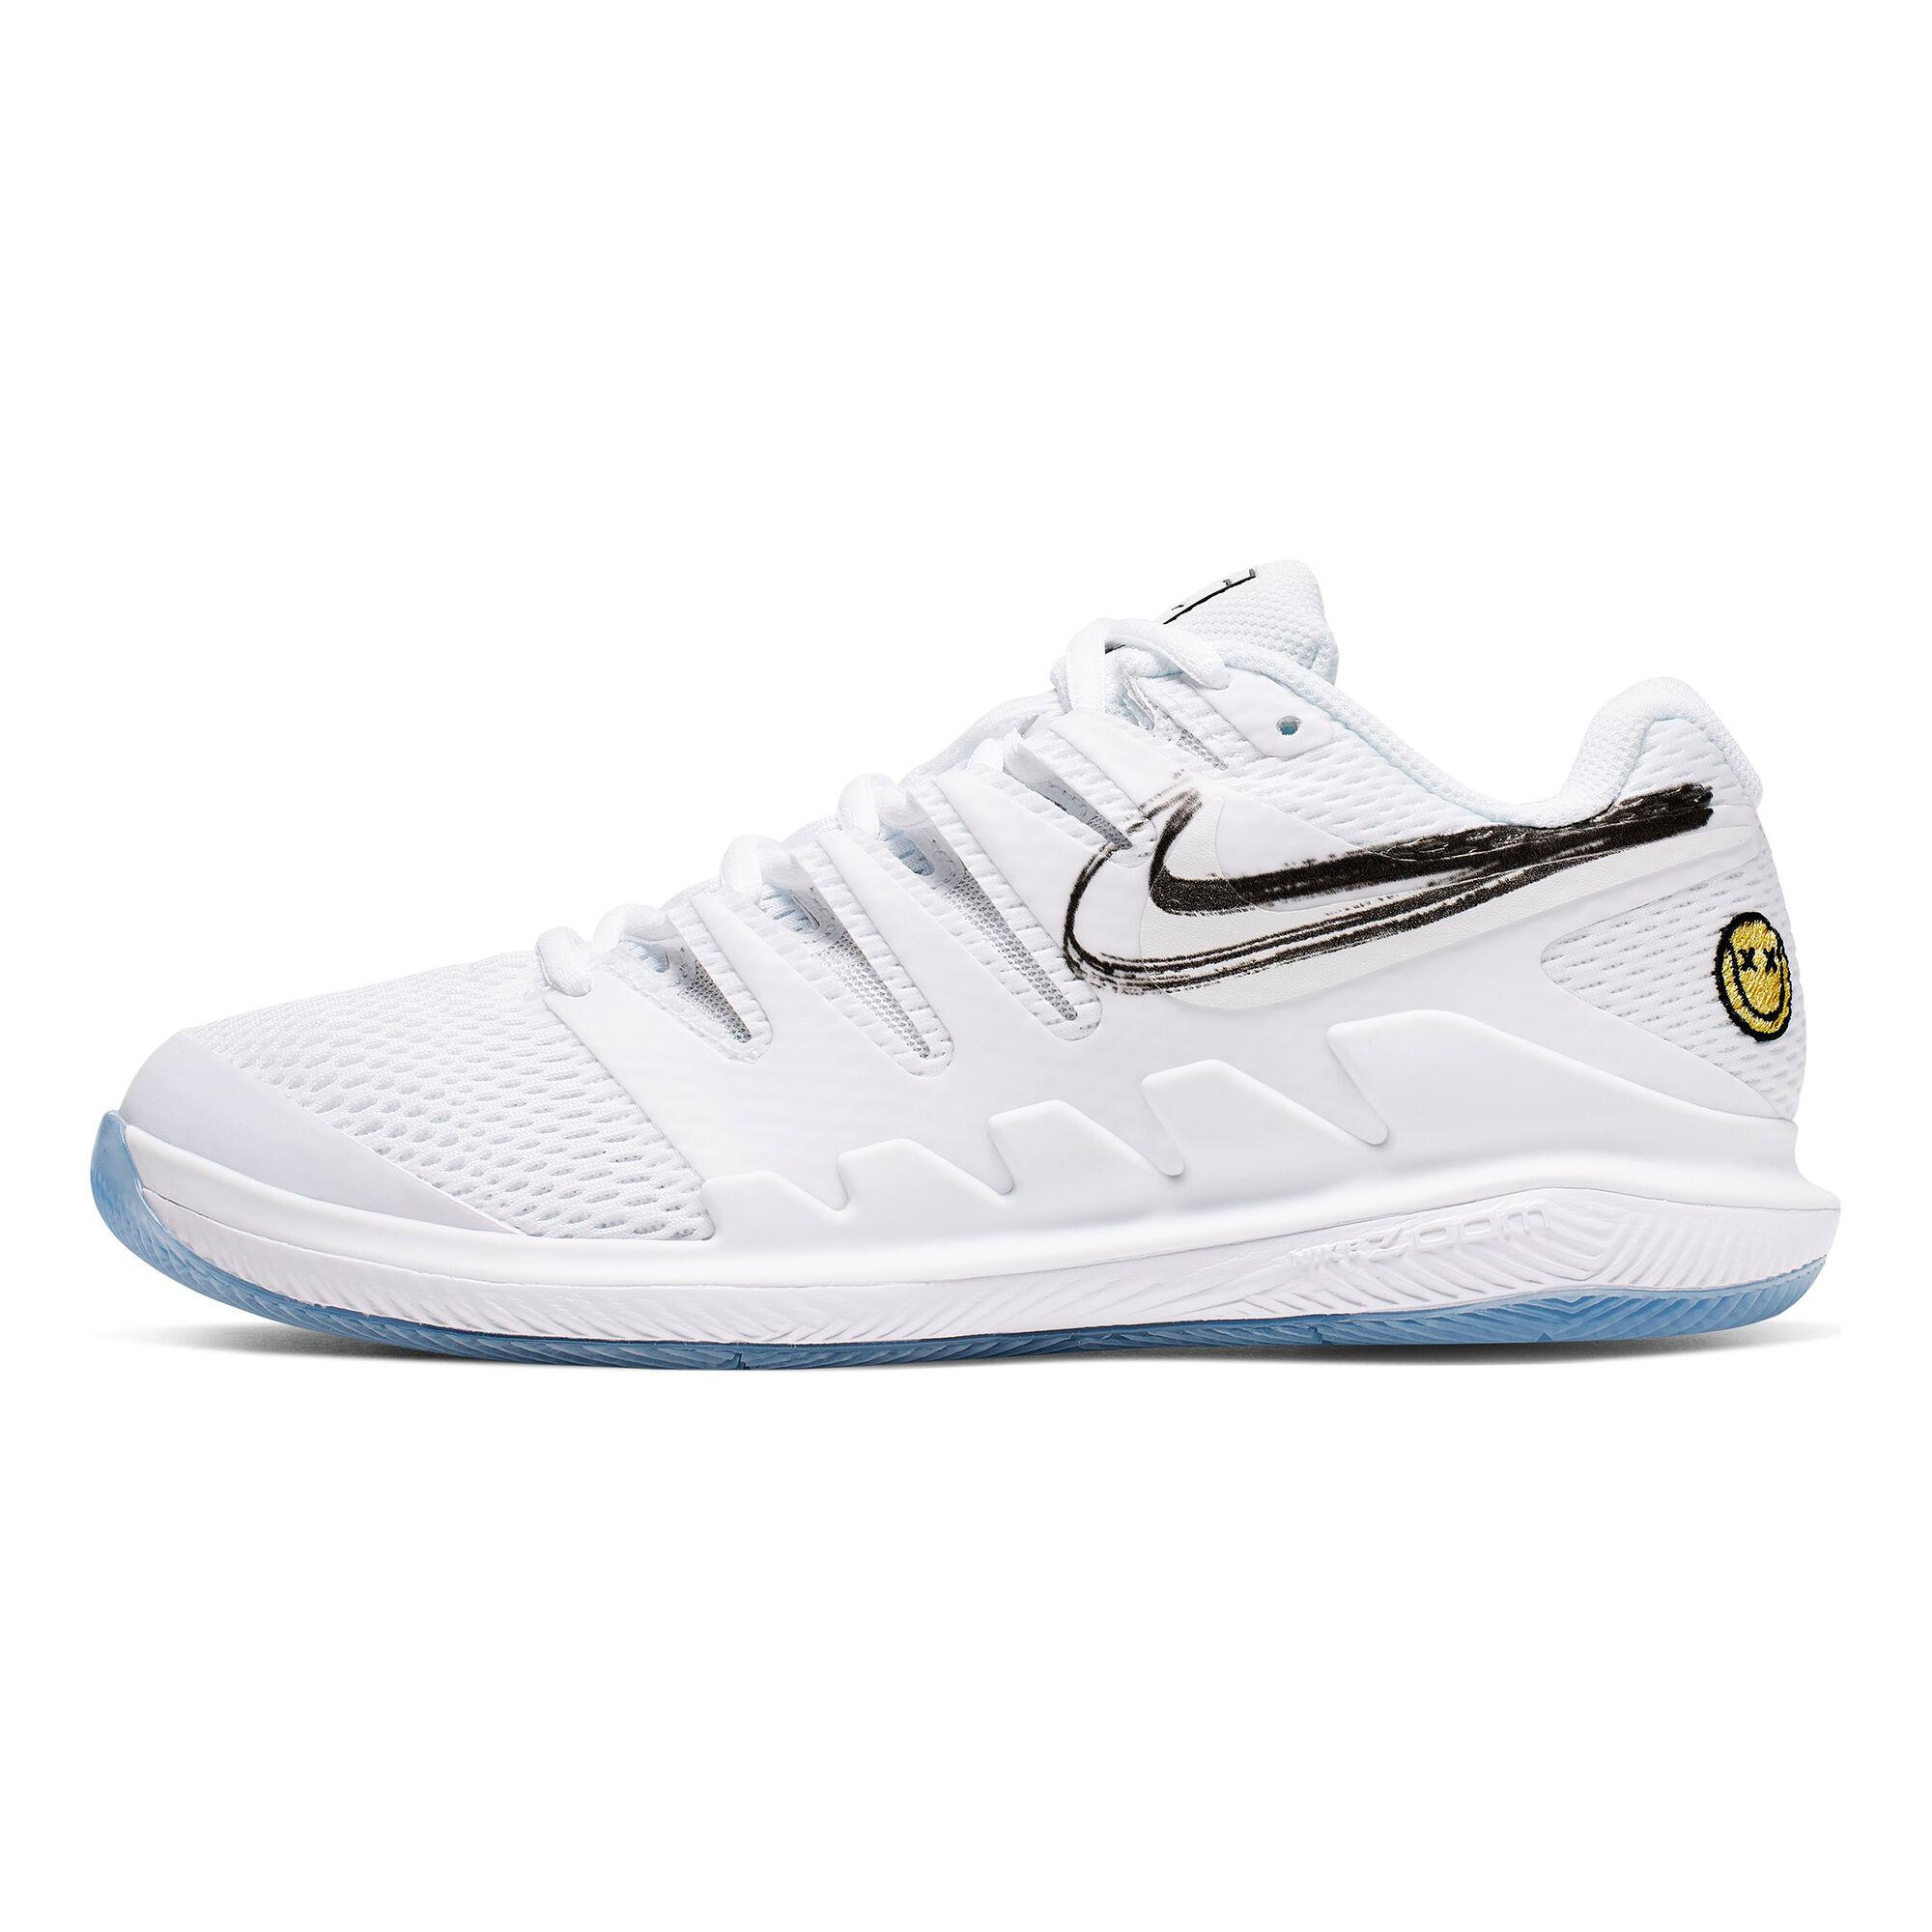 d5958506 Nike · Nike · Nike · Nike · Nike · Nike · Nike · Nike · Nike · Nike. Air  Zoom Vapor X ...